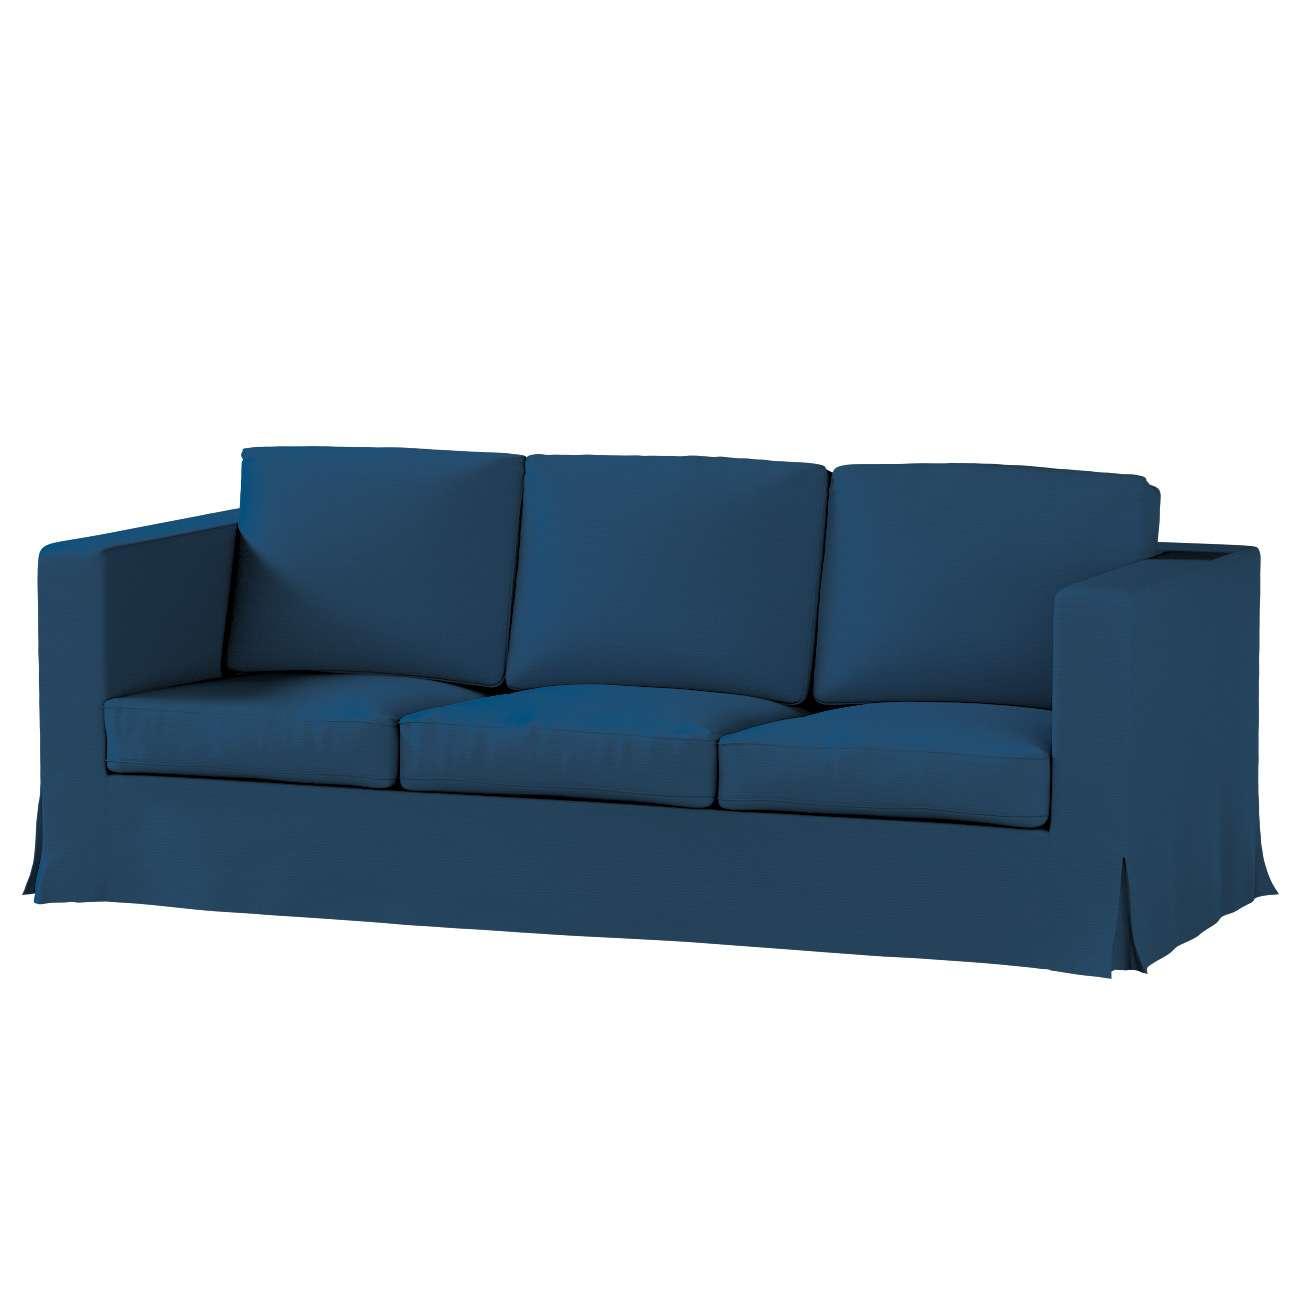 Bezug für Karlanda 3-Sitzer Sofa nicht ausklappbar, lang von der Kollektion Cotton Panama, Stoff: 702-30